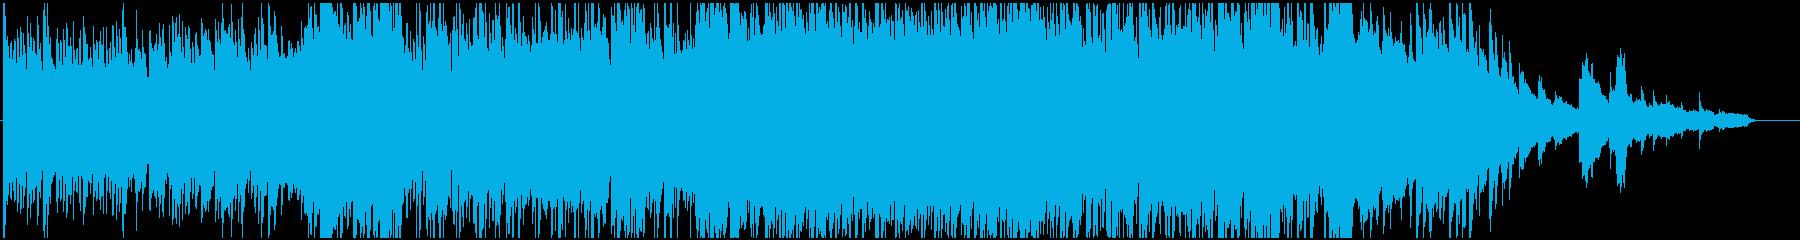 優しいピアノが印象的なポップスの再生済みの波形